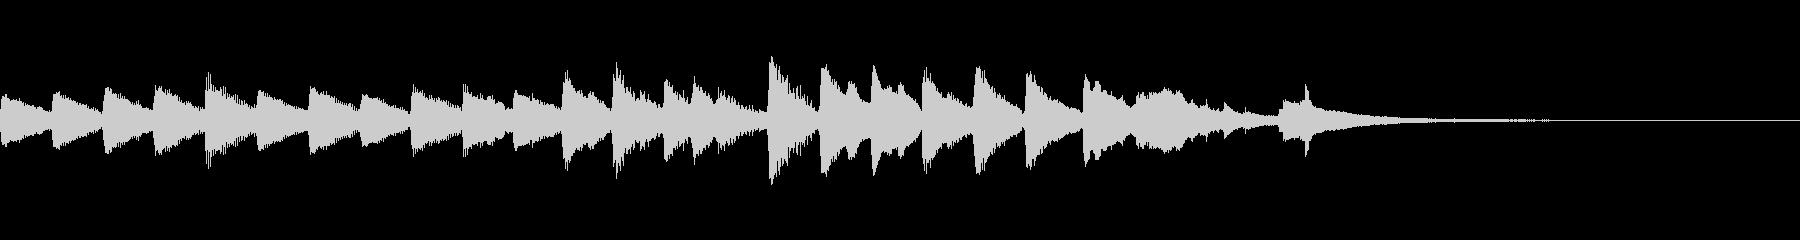 星空イメージのピアノ曲の未再生の波形